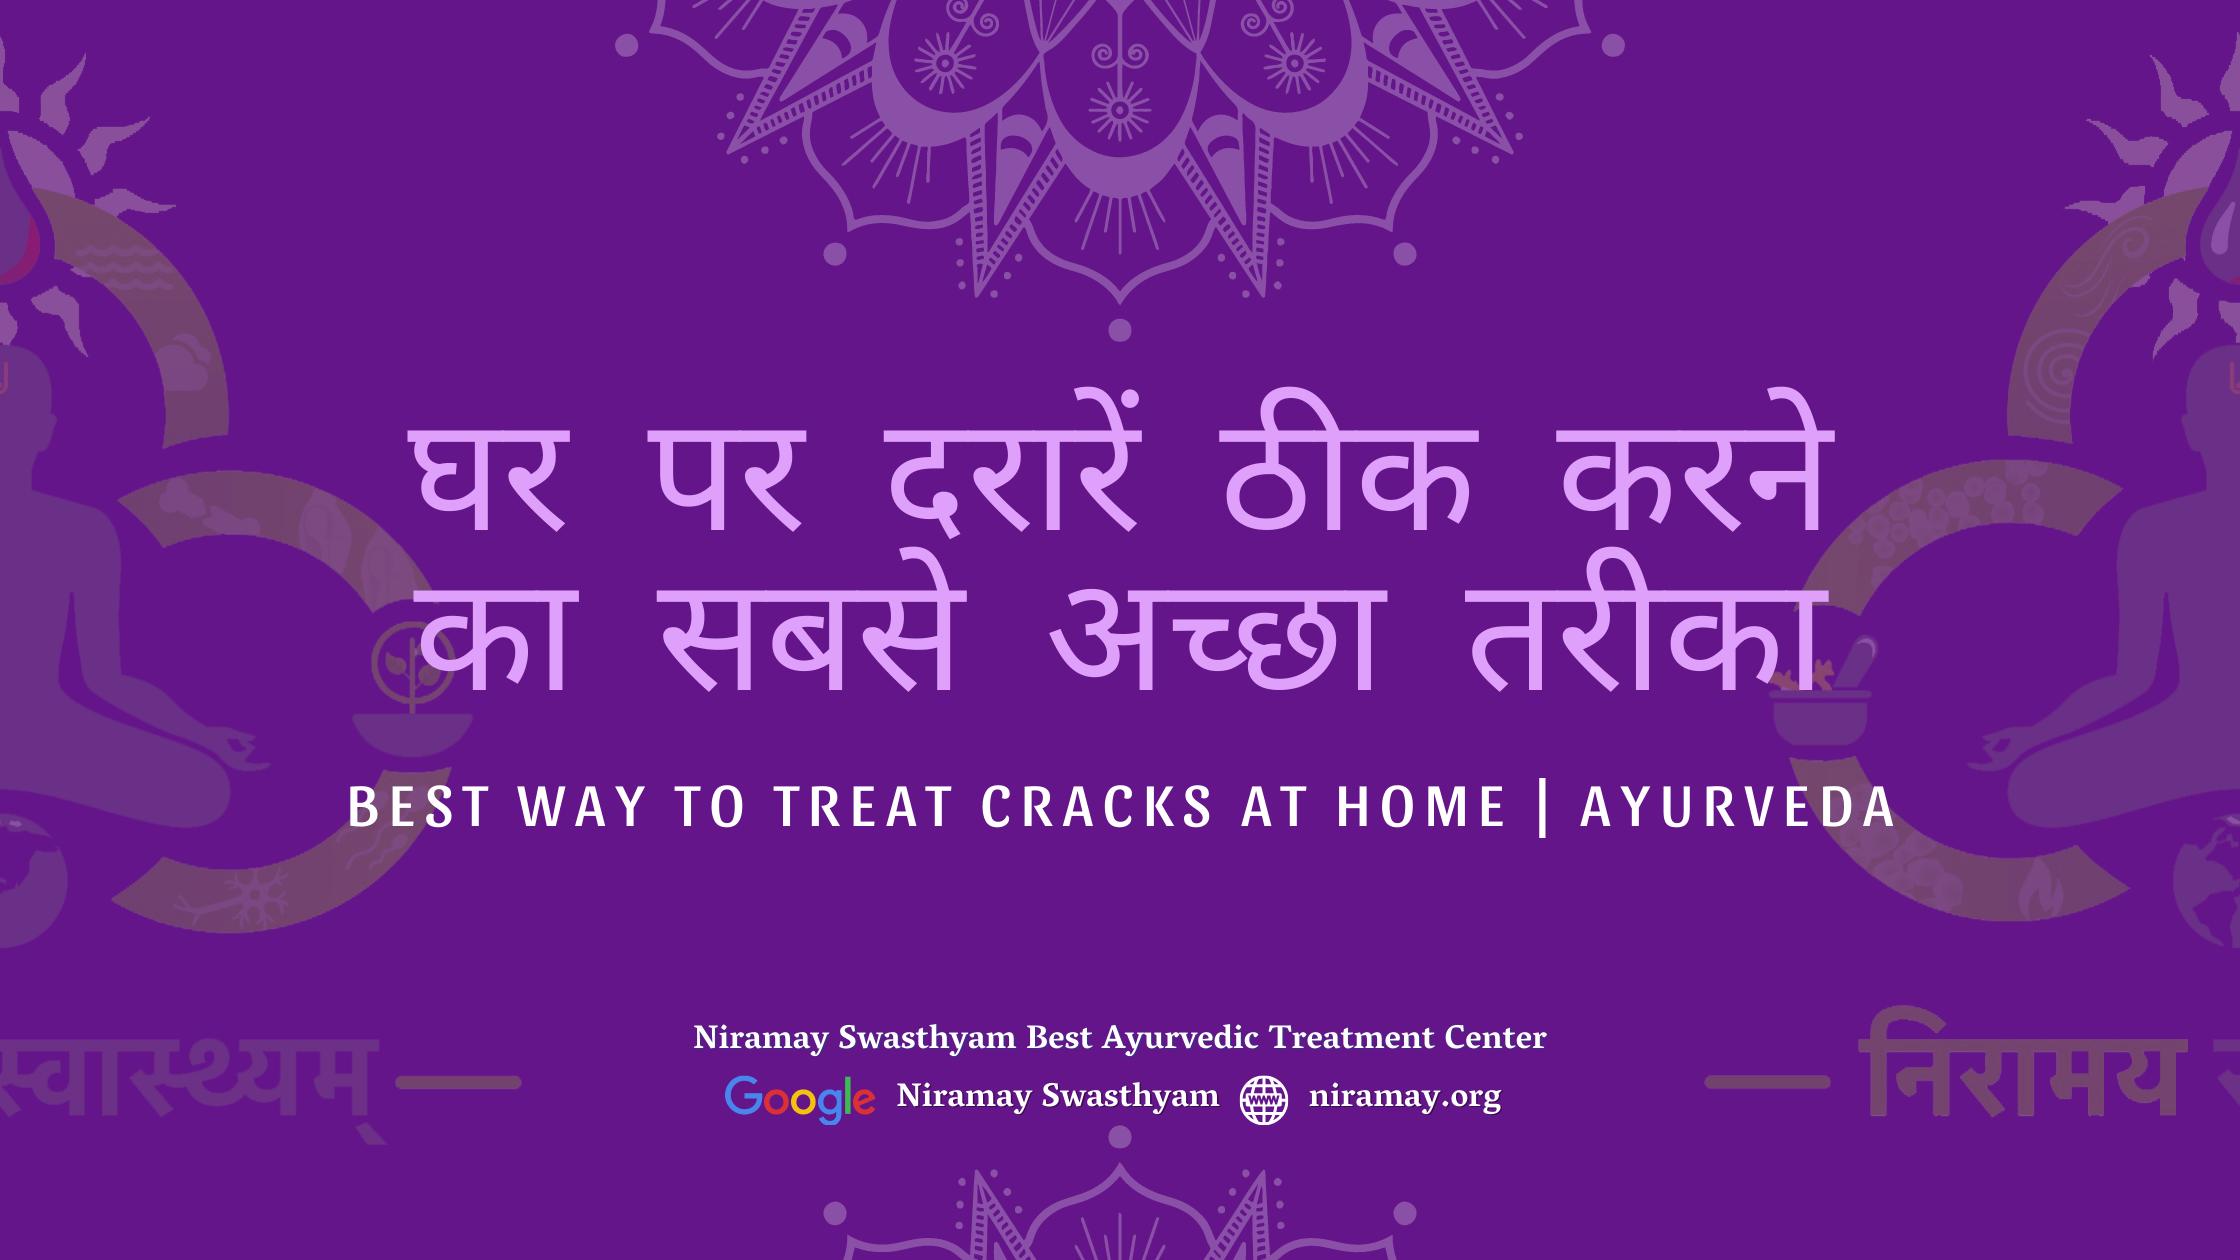 घर पर दरारें ठीक करने का सबसे अच्छा तरीका _ आयुर्वेद by Niramay Swasthyam